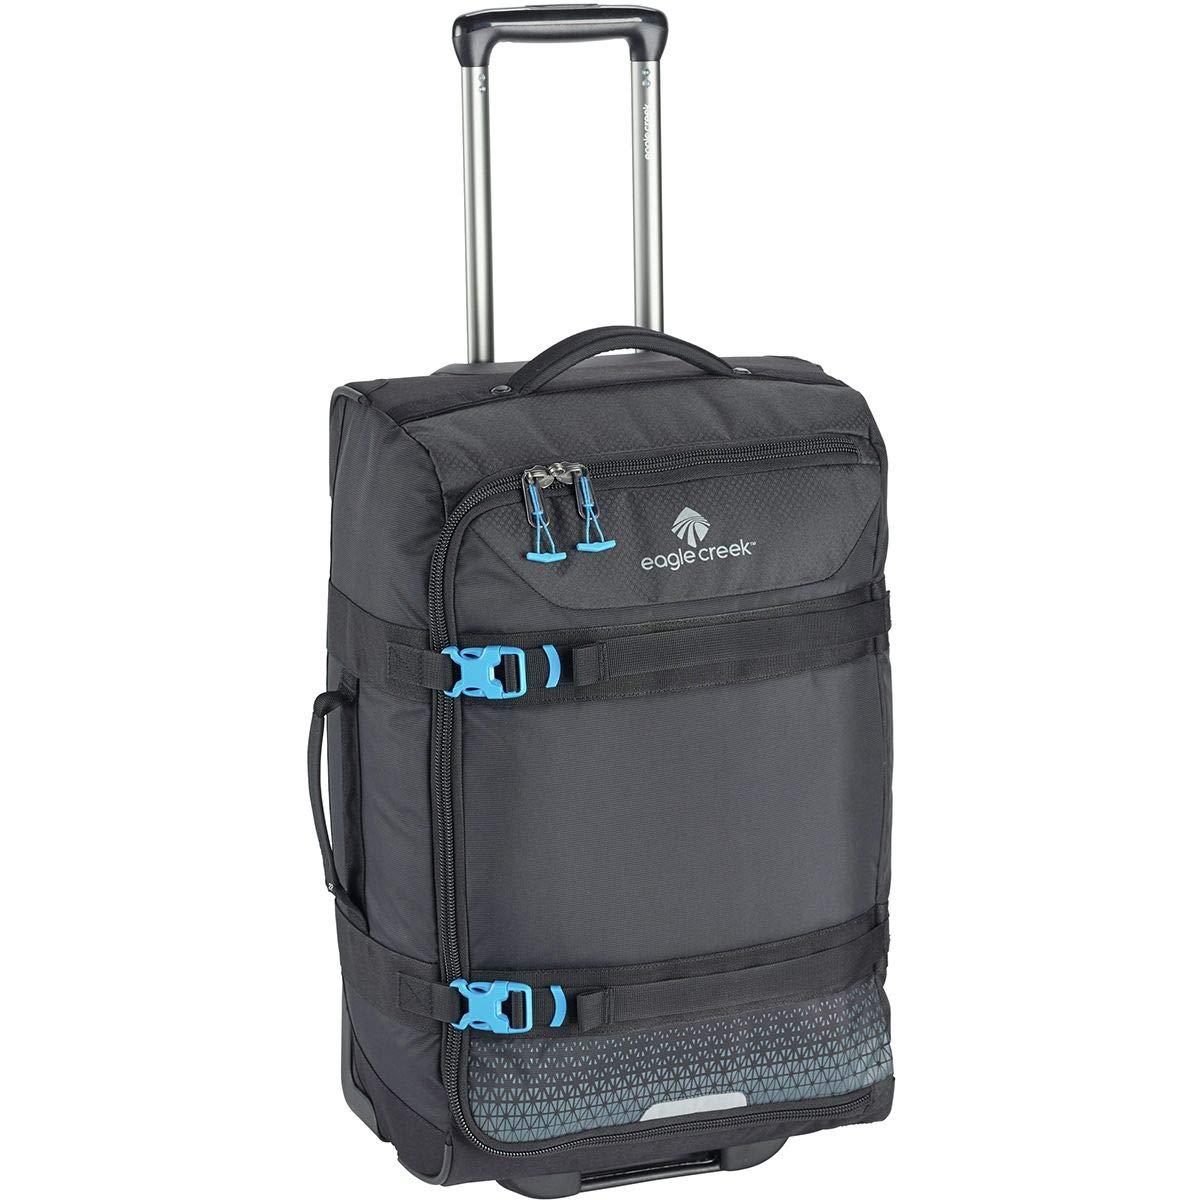 [イーグルクリーク] メンズ ボストンバッグ Expanse Wheeled Duffel Carry On Bag [並行輸入品] No-Size  B07P4223XH